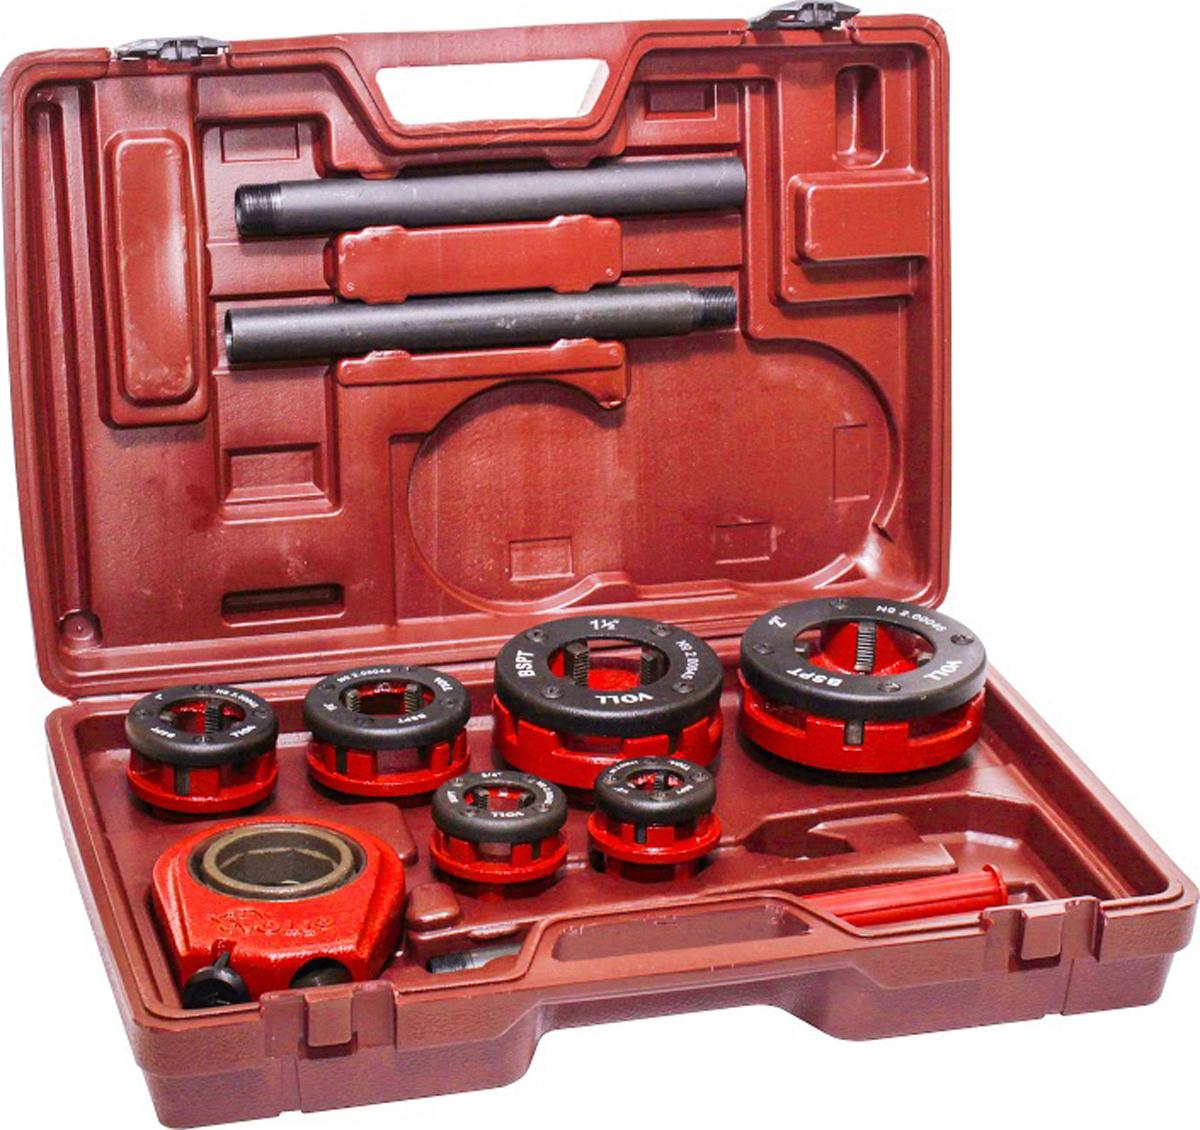 Клупп ручной Voll V-Cut, 22.00013Ручной клупп V-Cut 2 Ручной резьбонарезной клупп V-Cut 2 предназначен для быстрой и точной нарезки резьбы на стальных водопроводных и газопроводных трубах. Оптимальный выбор для сантехников и небольших монтажных и ремонтных бригад. Отличительные особенности: - легкая и прочная трещётка с реверсом; - разборная рукоятка; - надежная фиксация резьбонарезной головки в трещетке с помощью пружинного стопорного кольца; - удобен и легок в работе благодаря эргономичной конструкции; - малый вес. Технические характеристики Тип резьбы BSPT (трубная коническая резьба), правая Вес 4,5 кг В набор входят следующие комплектующие: - трещётка с рукояткой; - резьбонарезные головки 1/2, 3/4, 1, 1 1/4, 1/2, 1 1/2, 2; - пластмассовый чемодан;